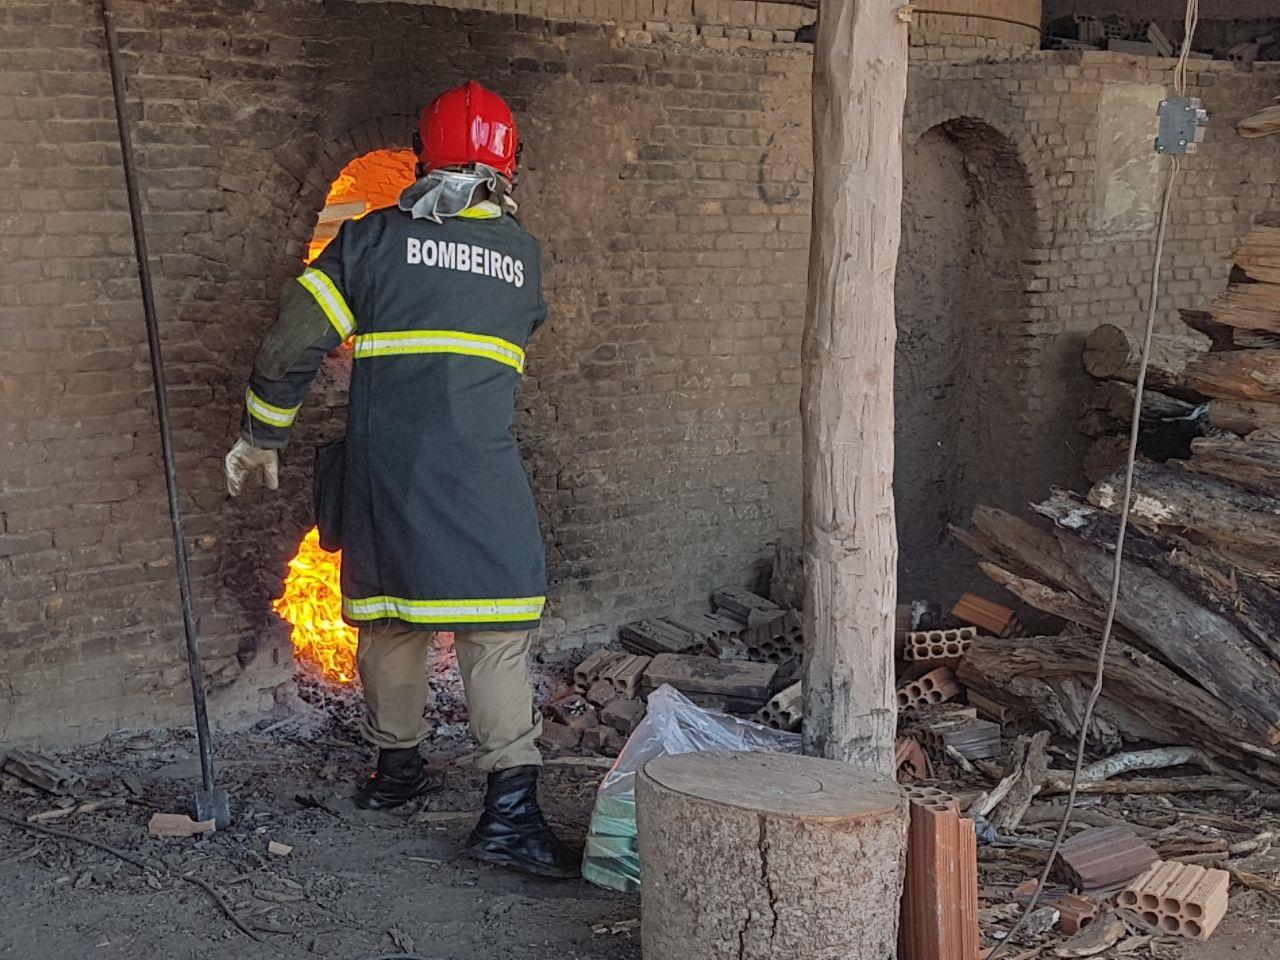 Bombeiros ajudaram nos trabalhos. (Foto: divulgação PJC/MT)